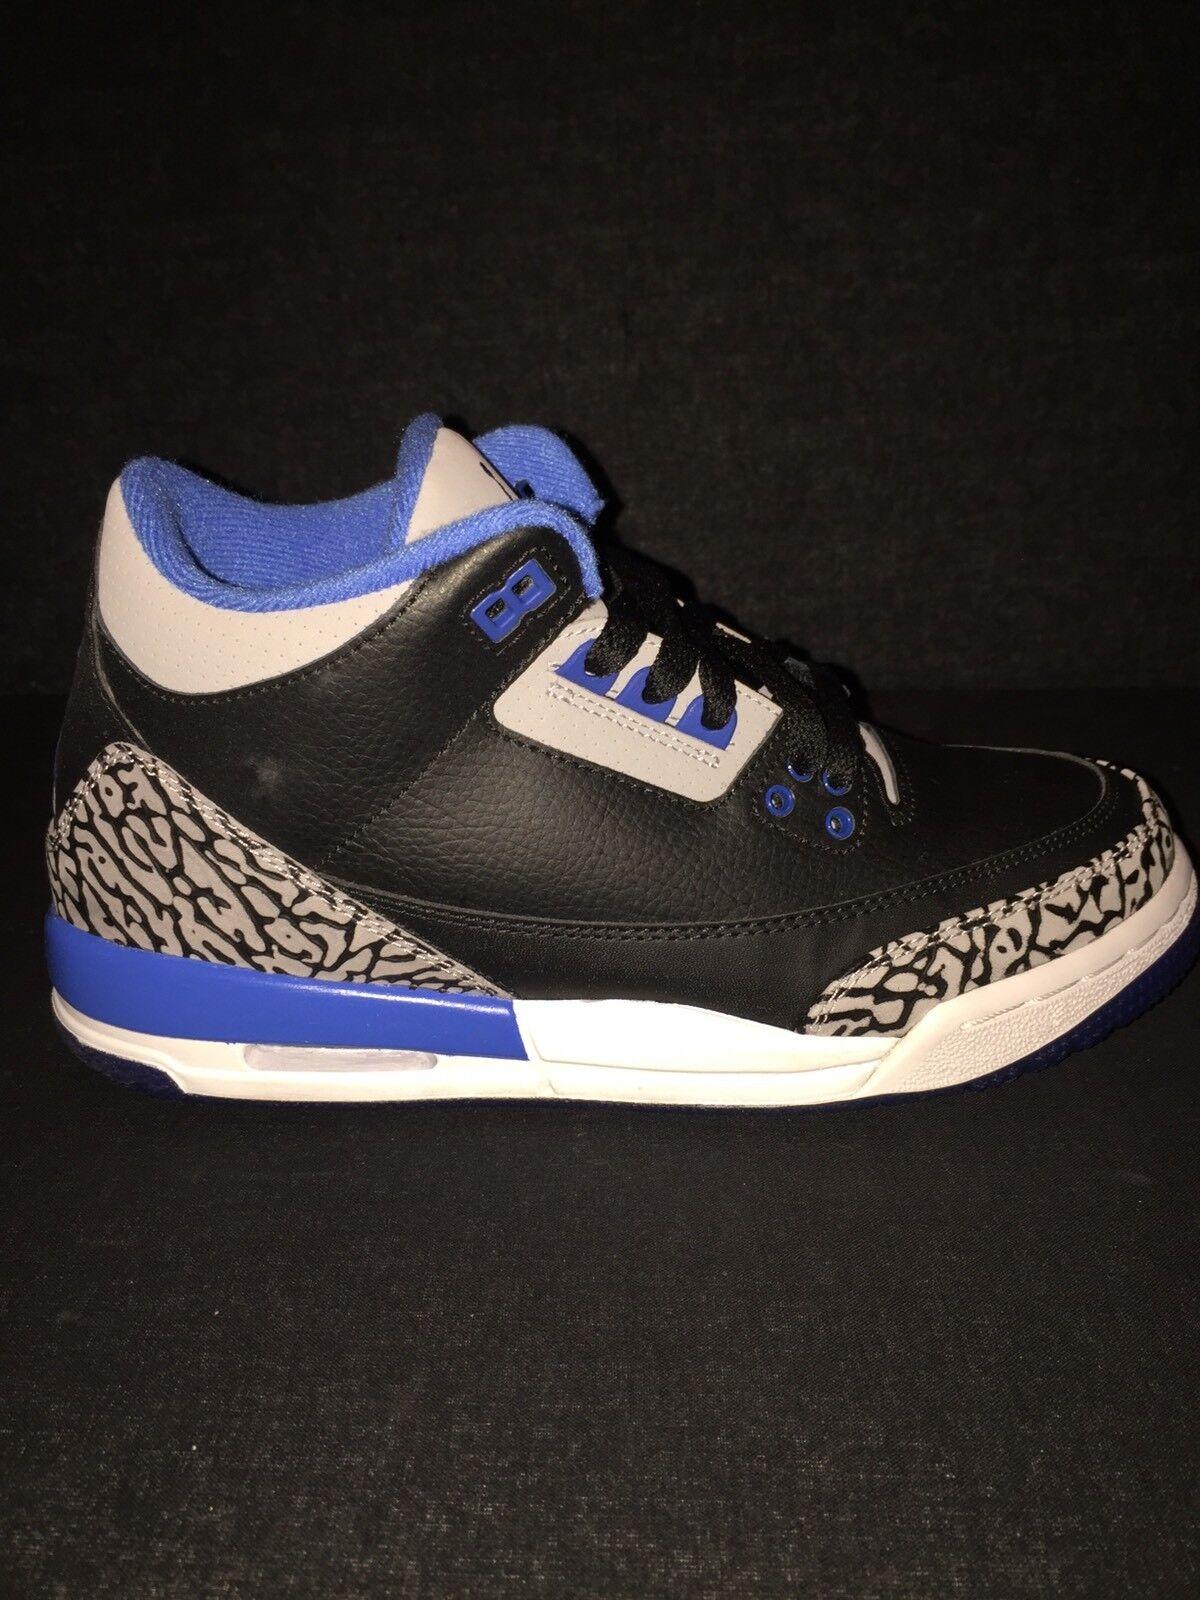 Nike Air Jordan Retro OG Sport bluee 6s Size 6 GS Kids OG Box Rare Worn Once